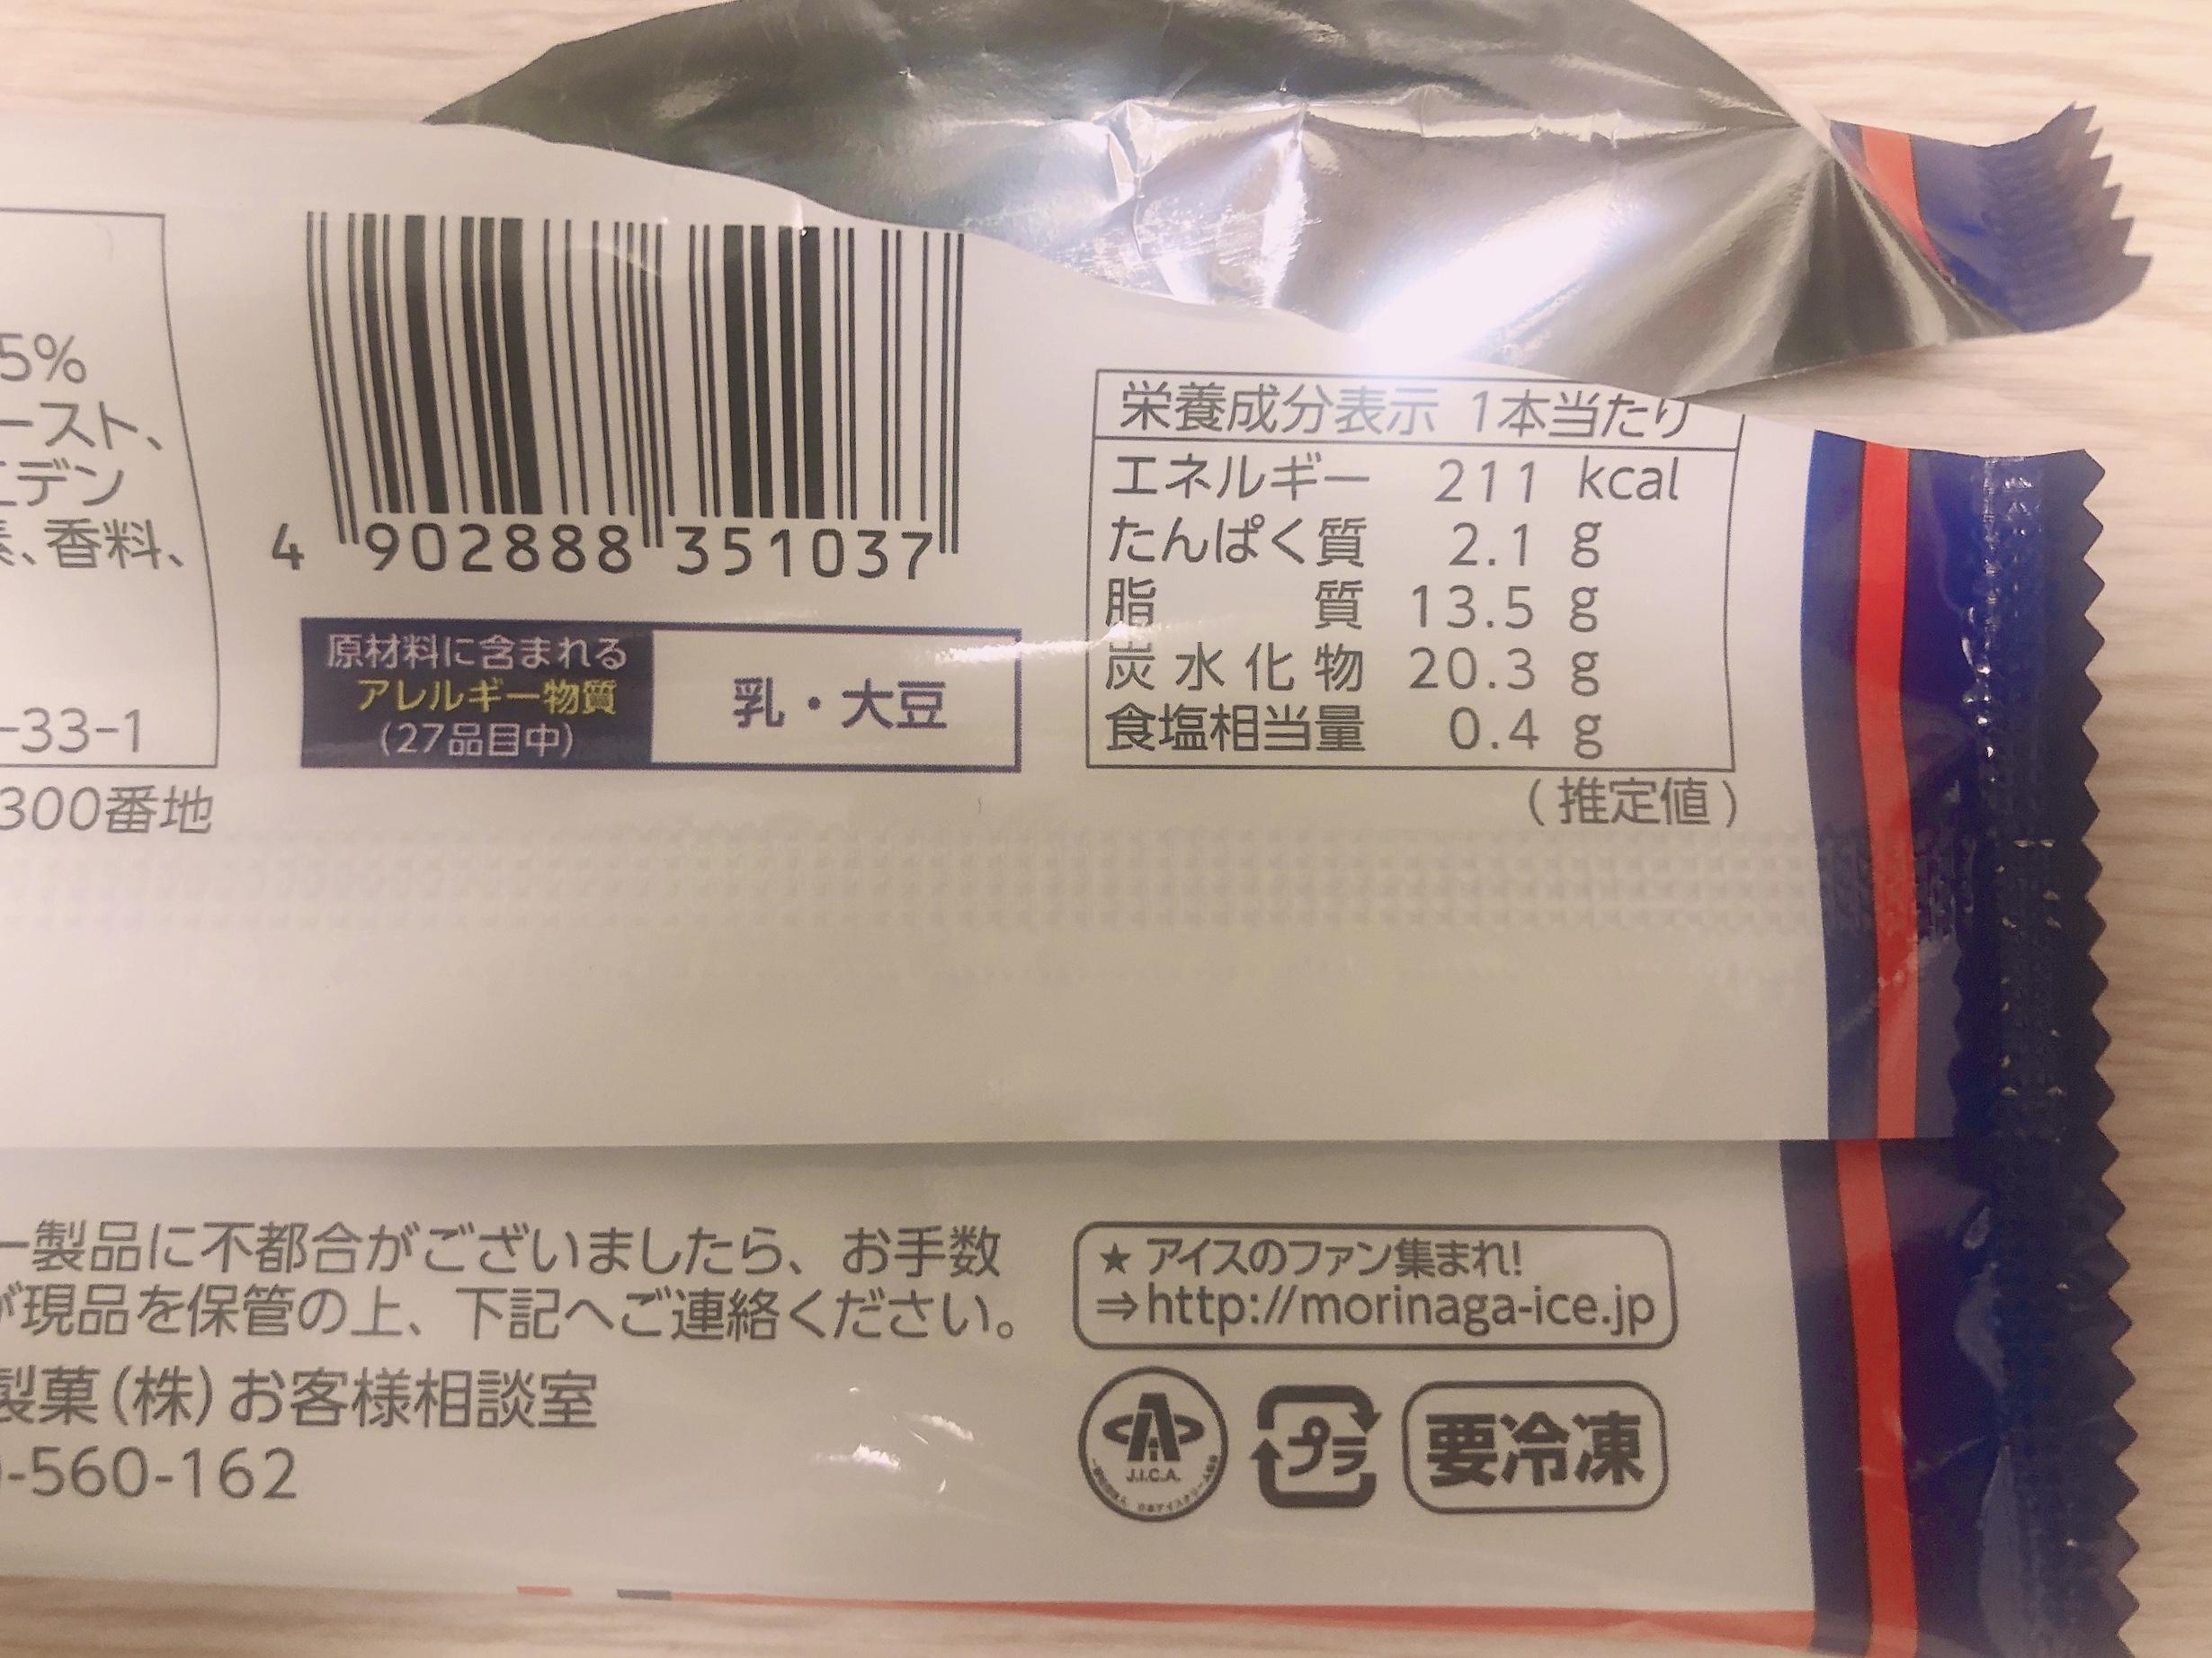 【新作】【セブンイレブン限定!】塩キャラメルアイスがたまらん❤︎_3